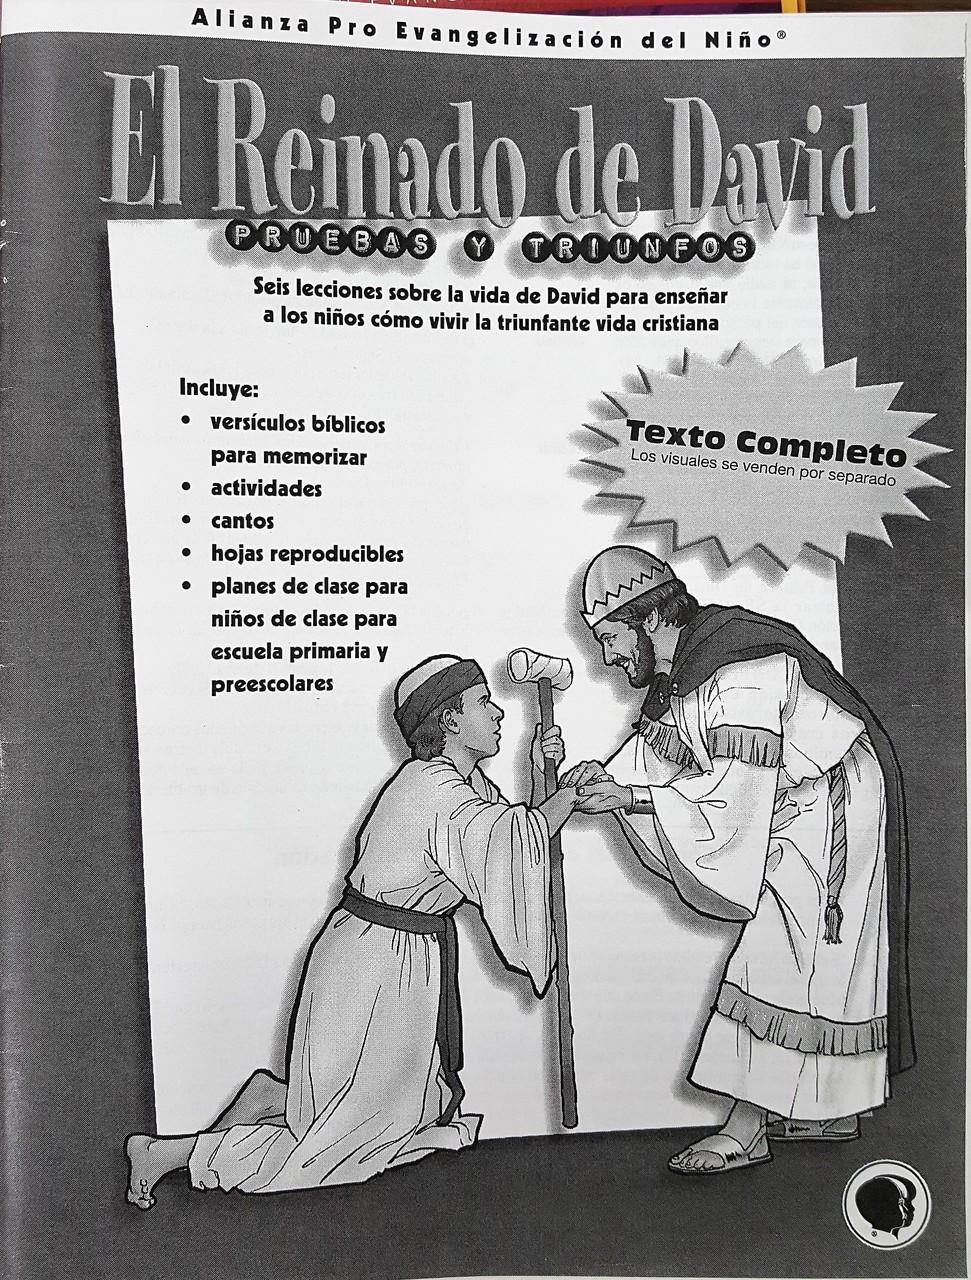 El Reinado de David Pruebas y Triunfos (libro de texto)